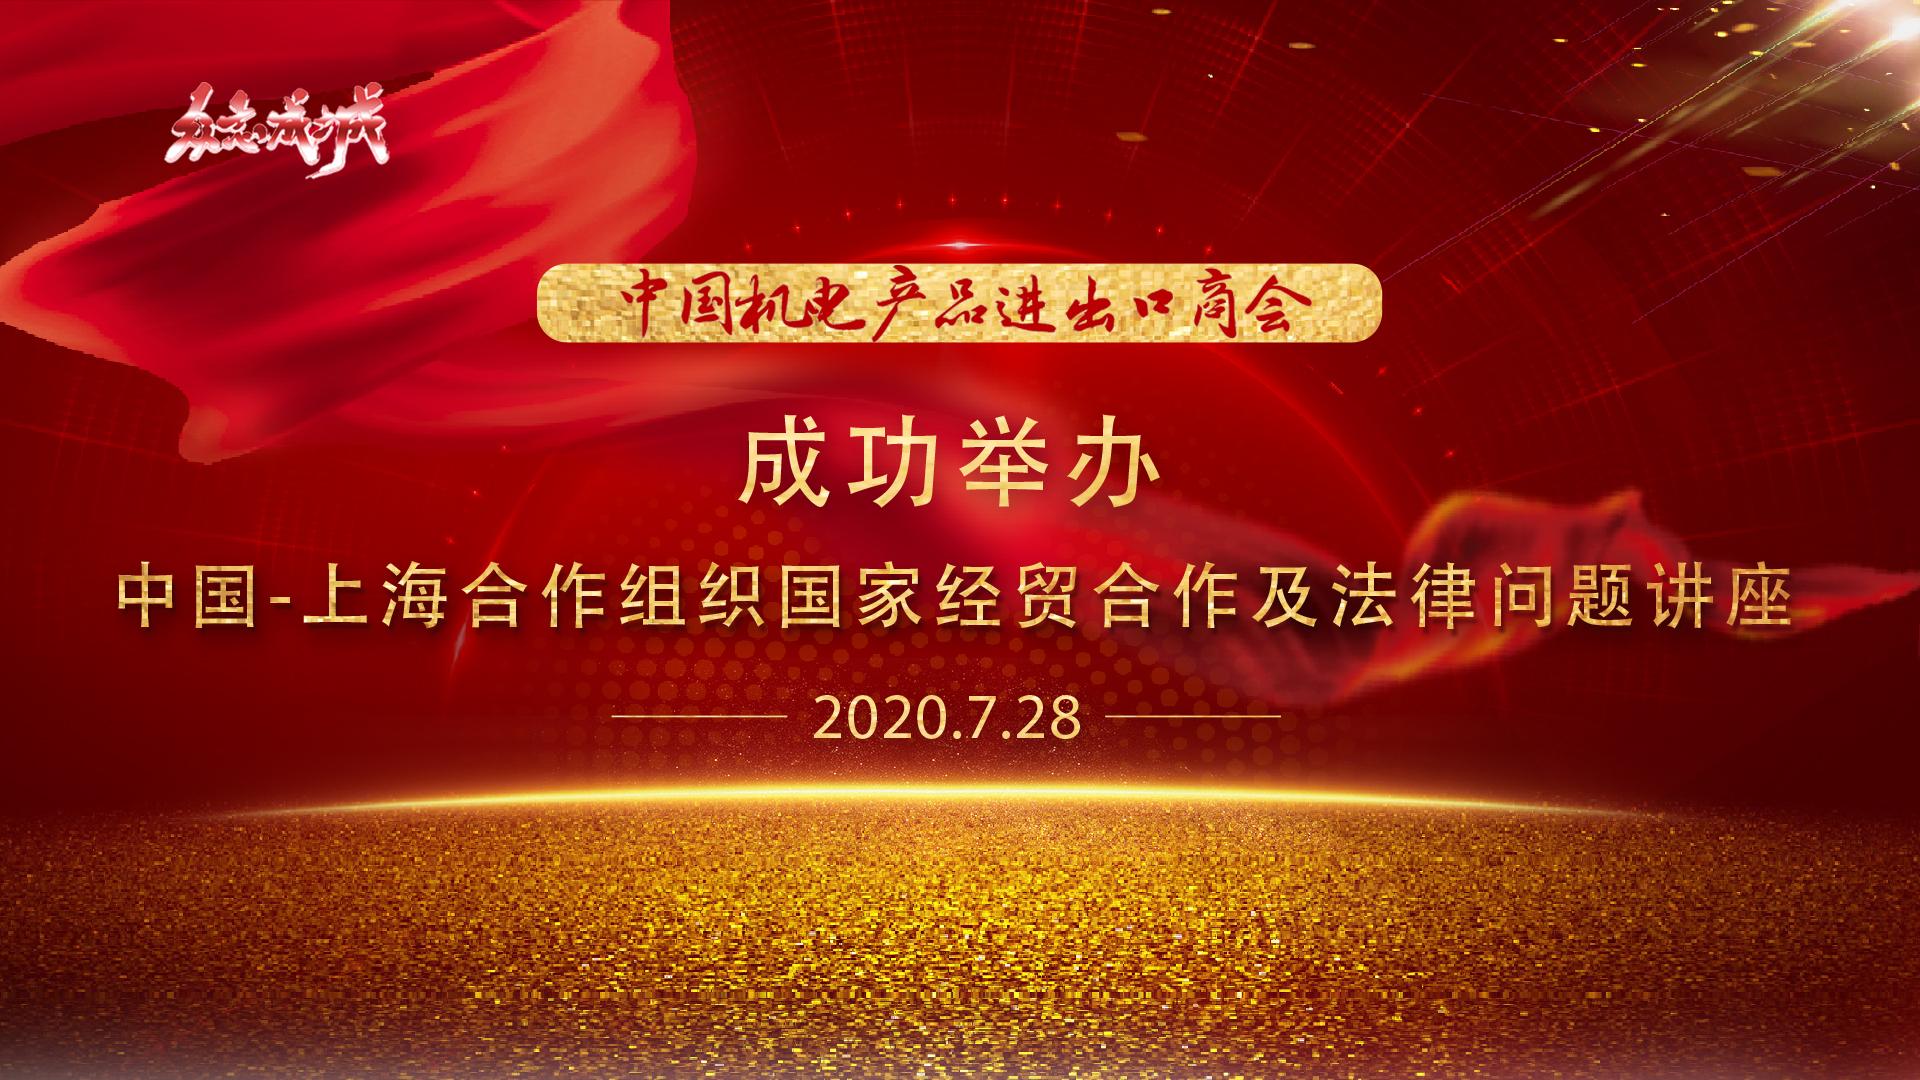 我会成功举办中国-上海合作组织国家经贸合作和法律问题讲座